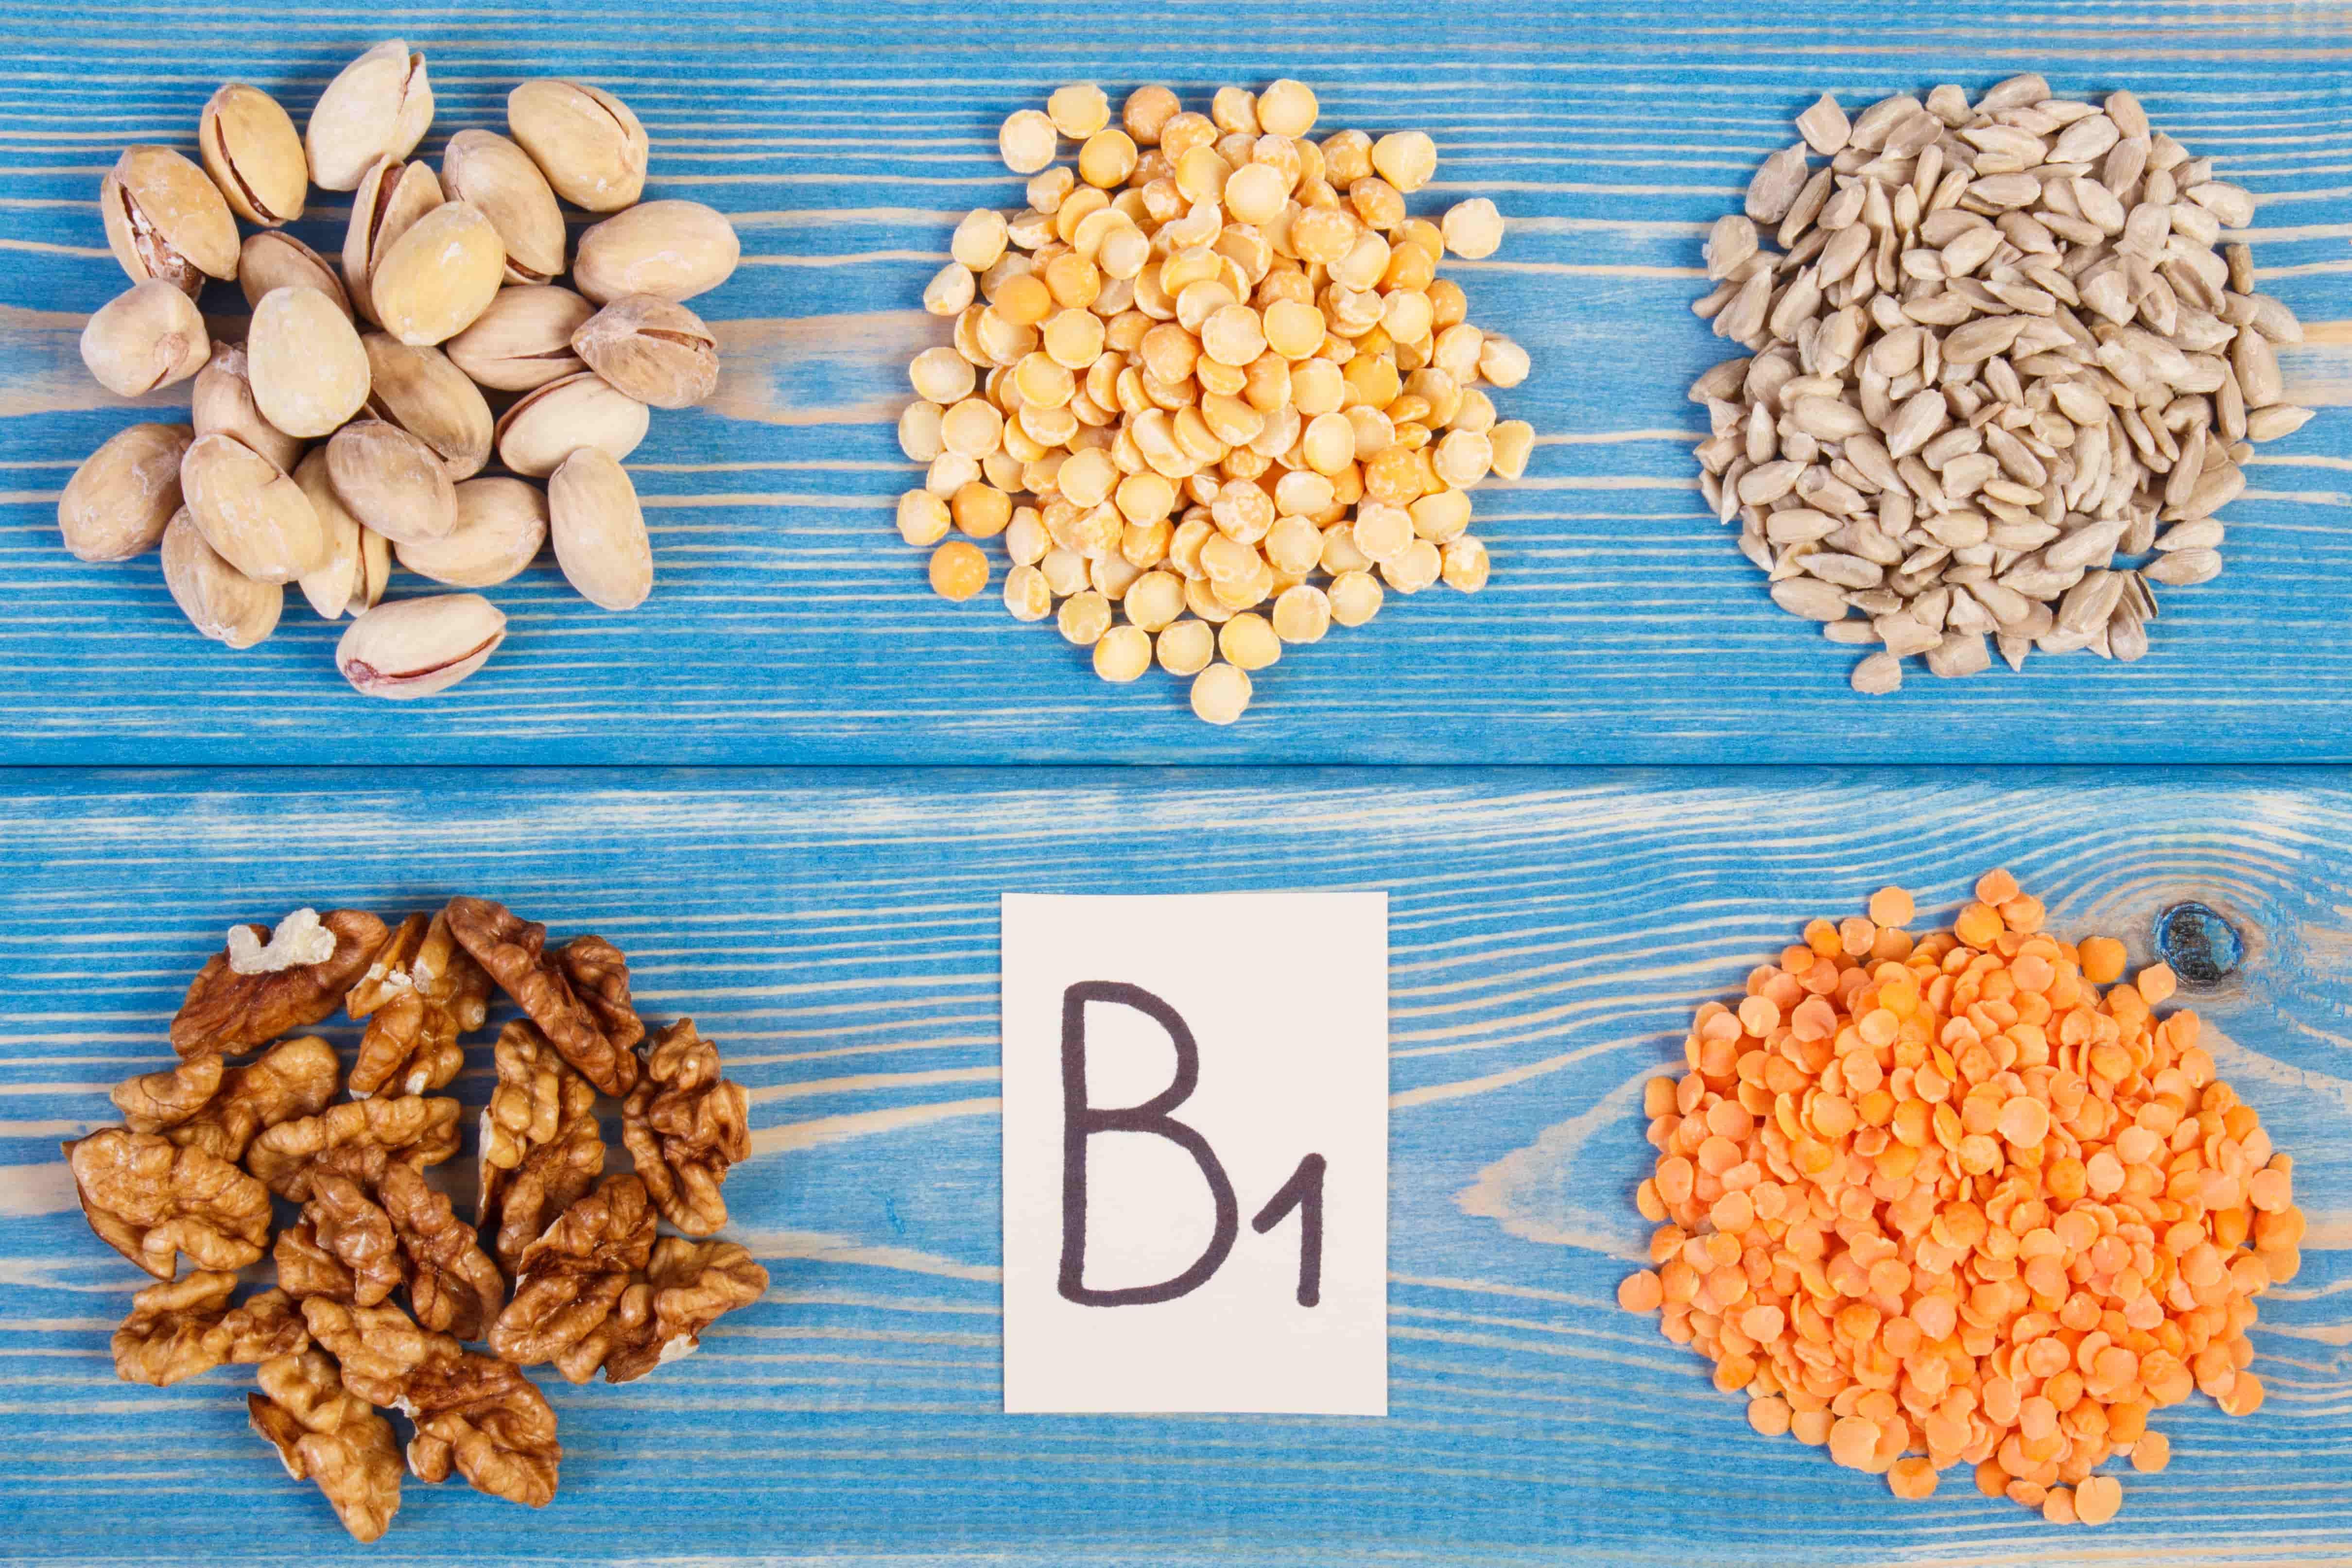 Витамины для мозга и памяти. Какие витамины нужны для работы мозга и улучшения памяти взрослым